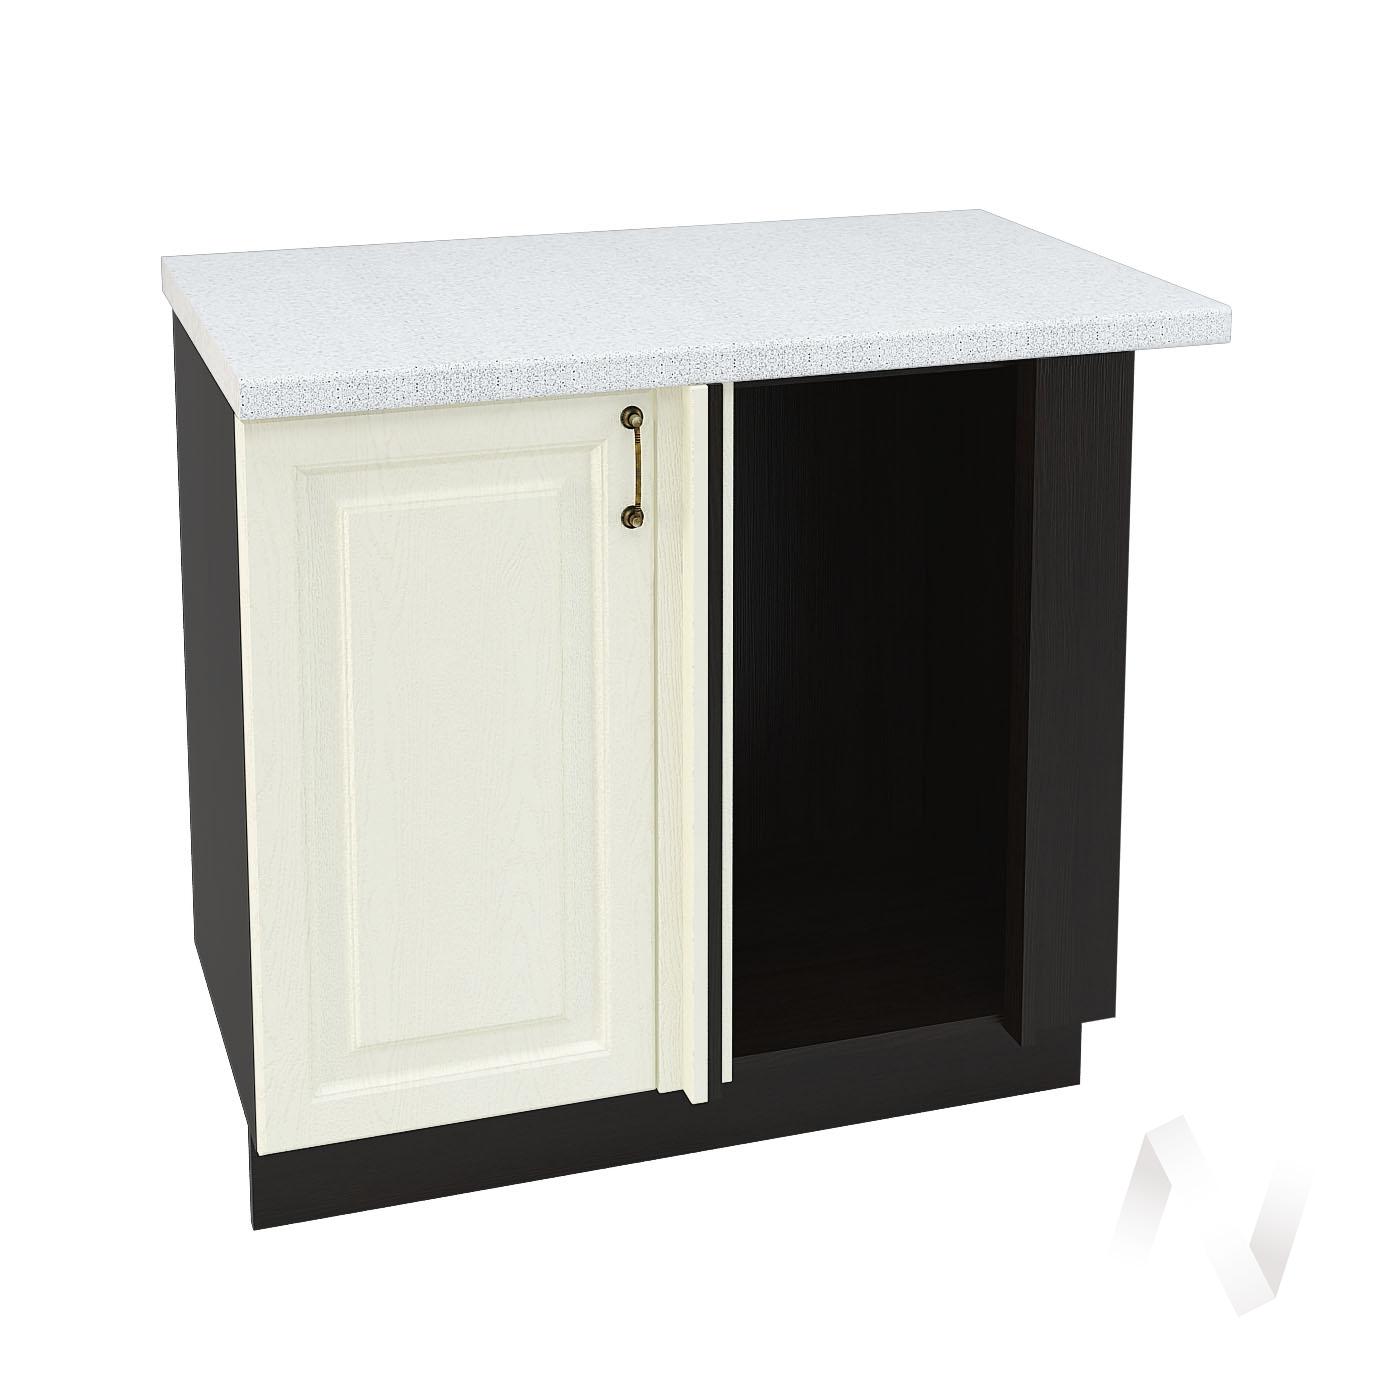 """Кухня """"Ницца"""": Шкаф нижний угловой 990М, ШНУ 990М (Крем/корпус венге)"""